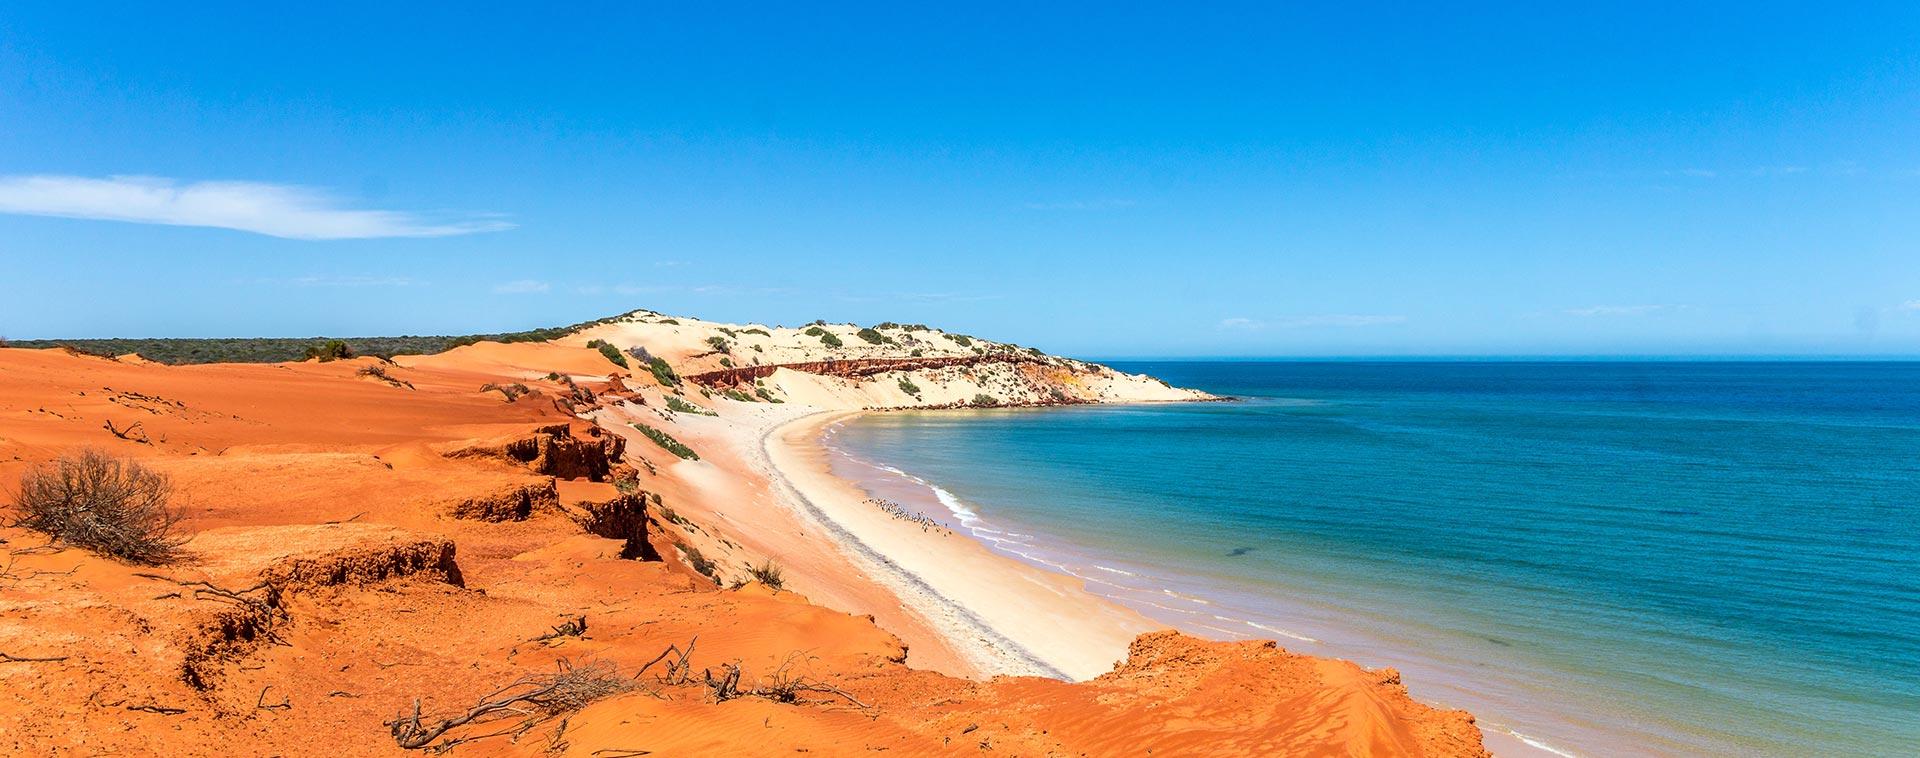 Sunniest Places in Australia - Hot Semi-Arid